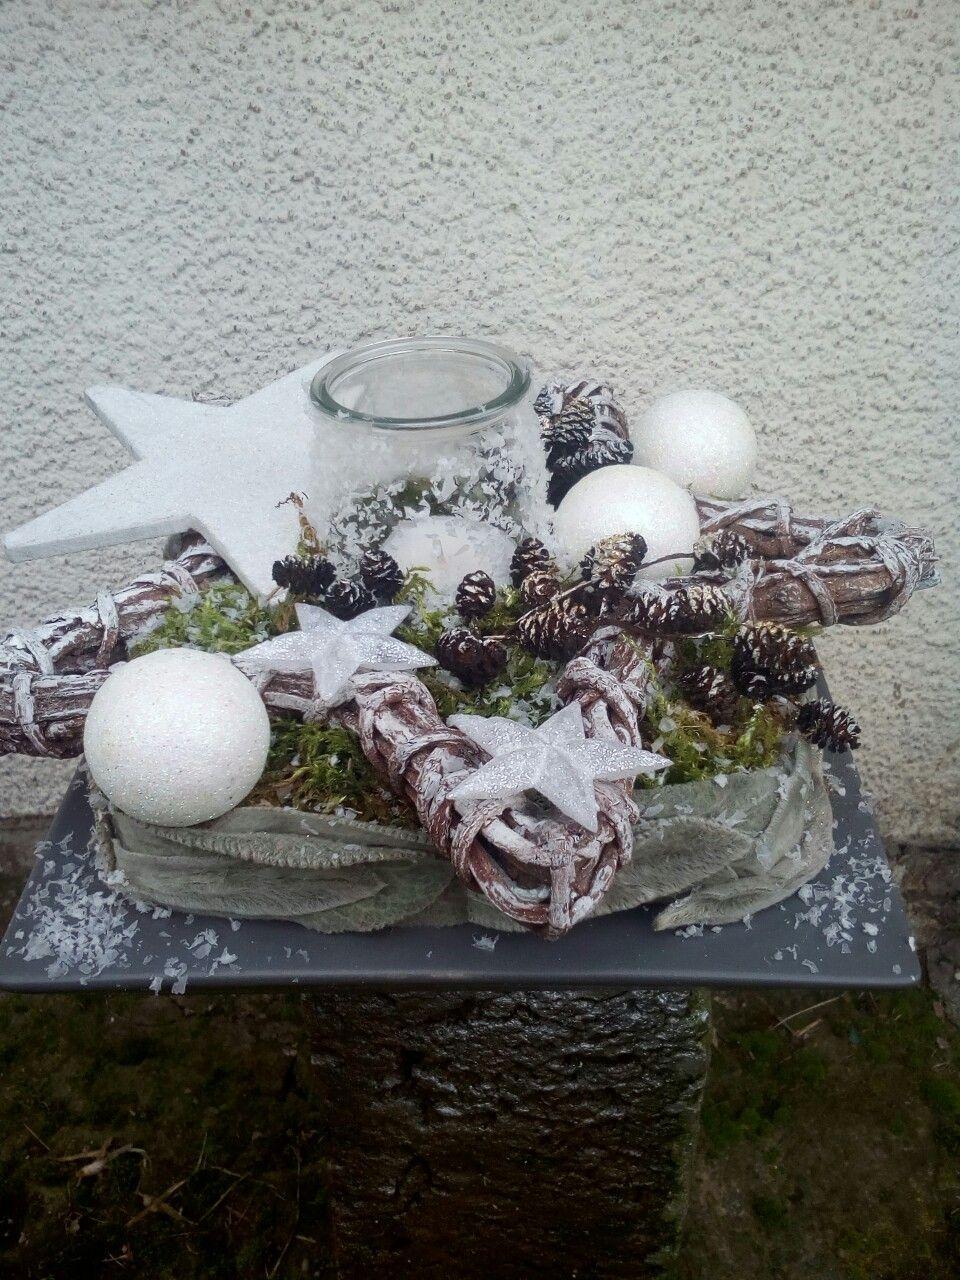 gwiazda natal pinterest weihnachtsdekoration weihnachten und winterdeko. Black Bedroom Furniture Sets. Home Design Ideas